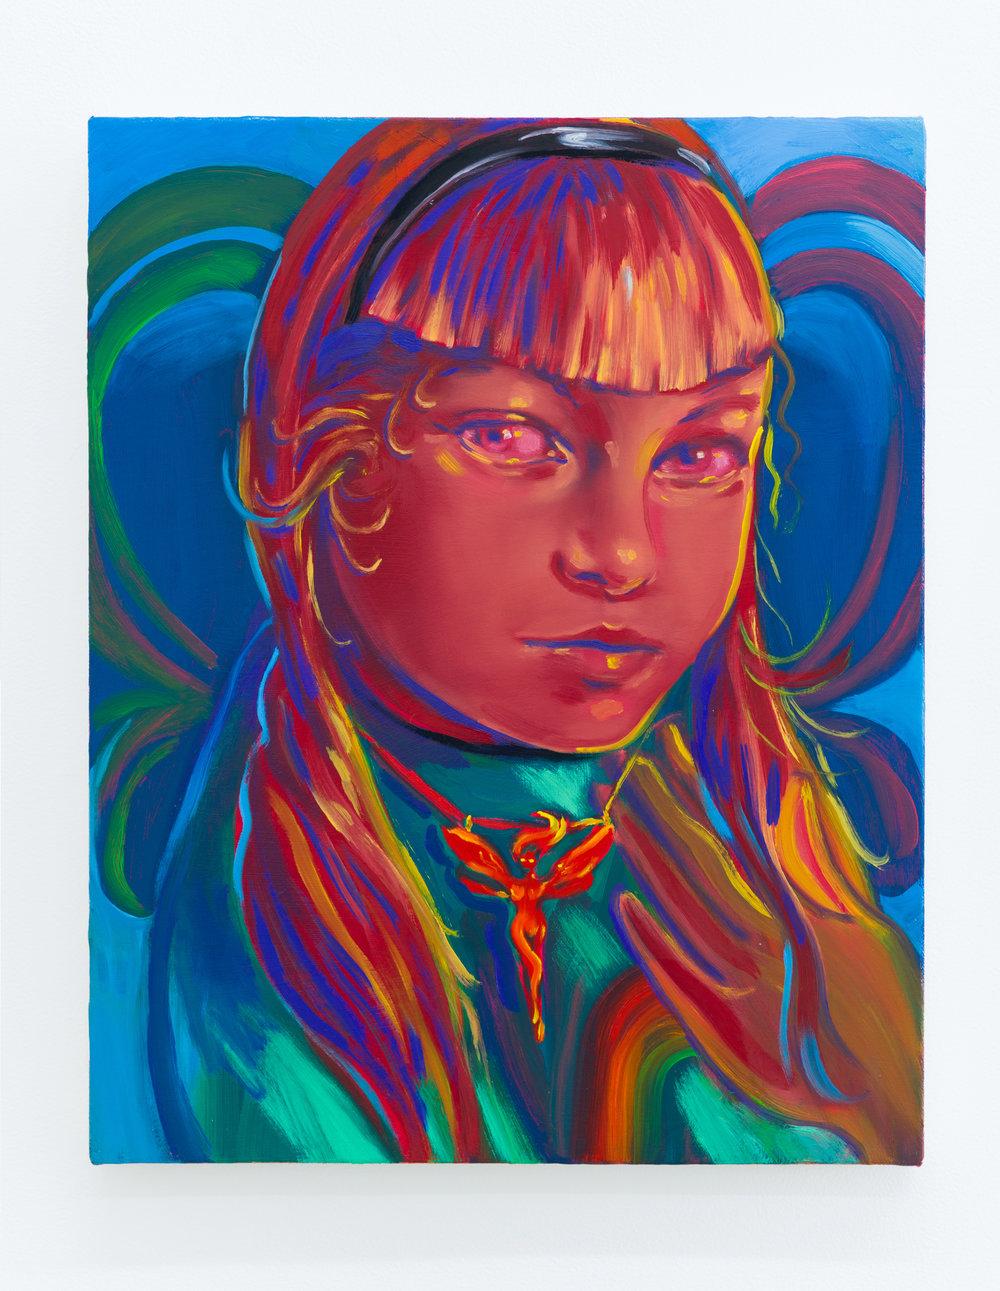 Haley Josephs   Fairy,  2018 Oil on canvas 20 x 16 inches